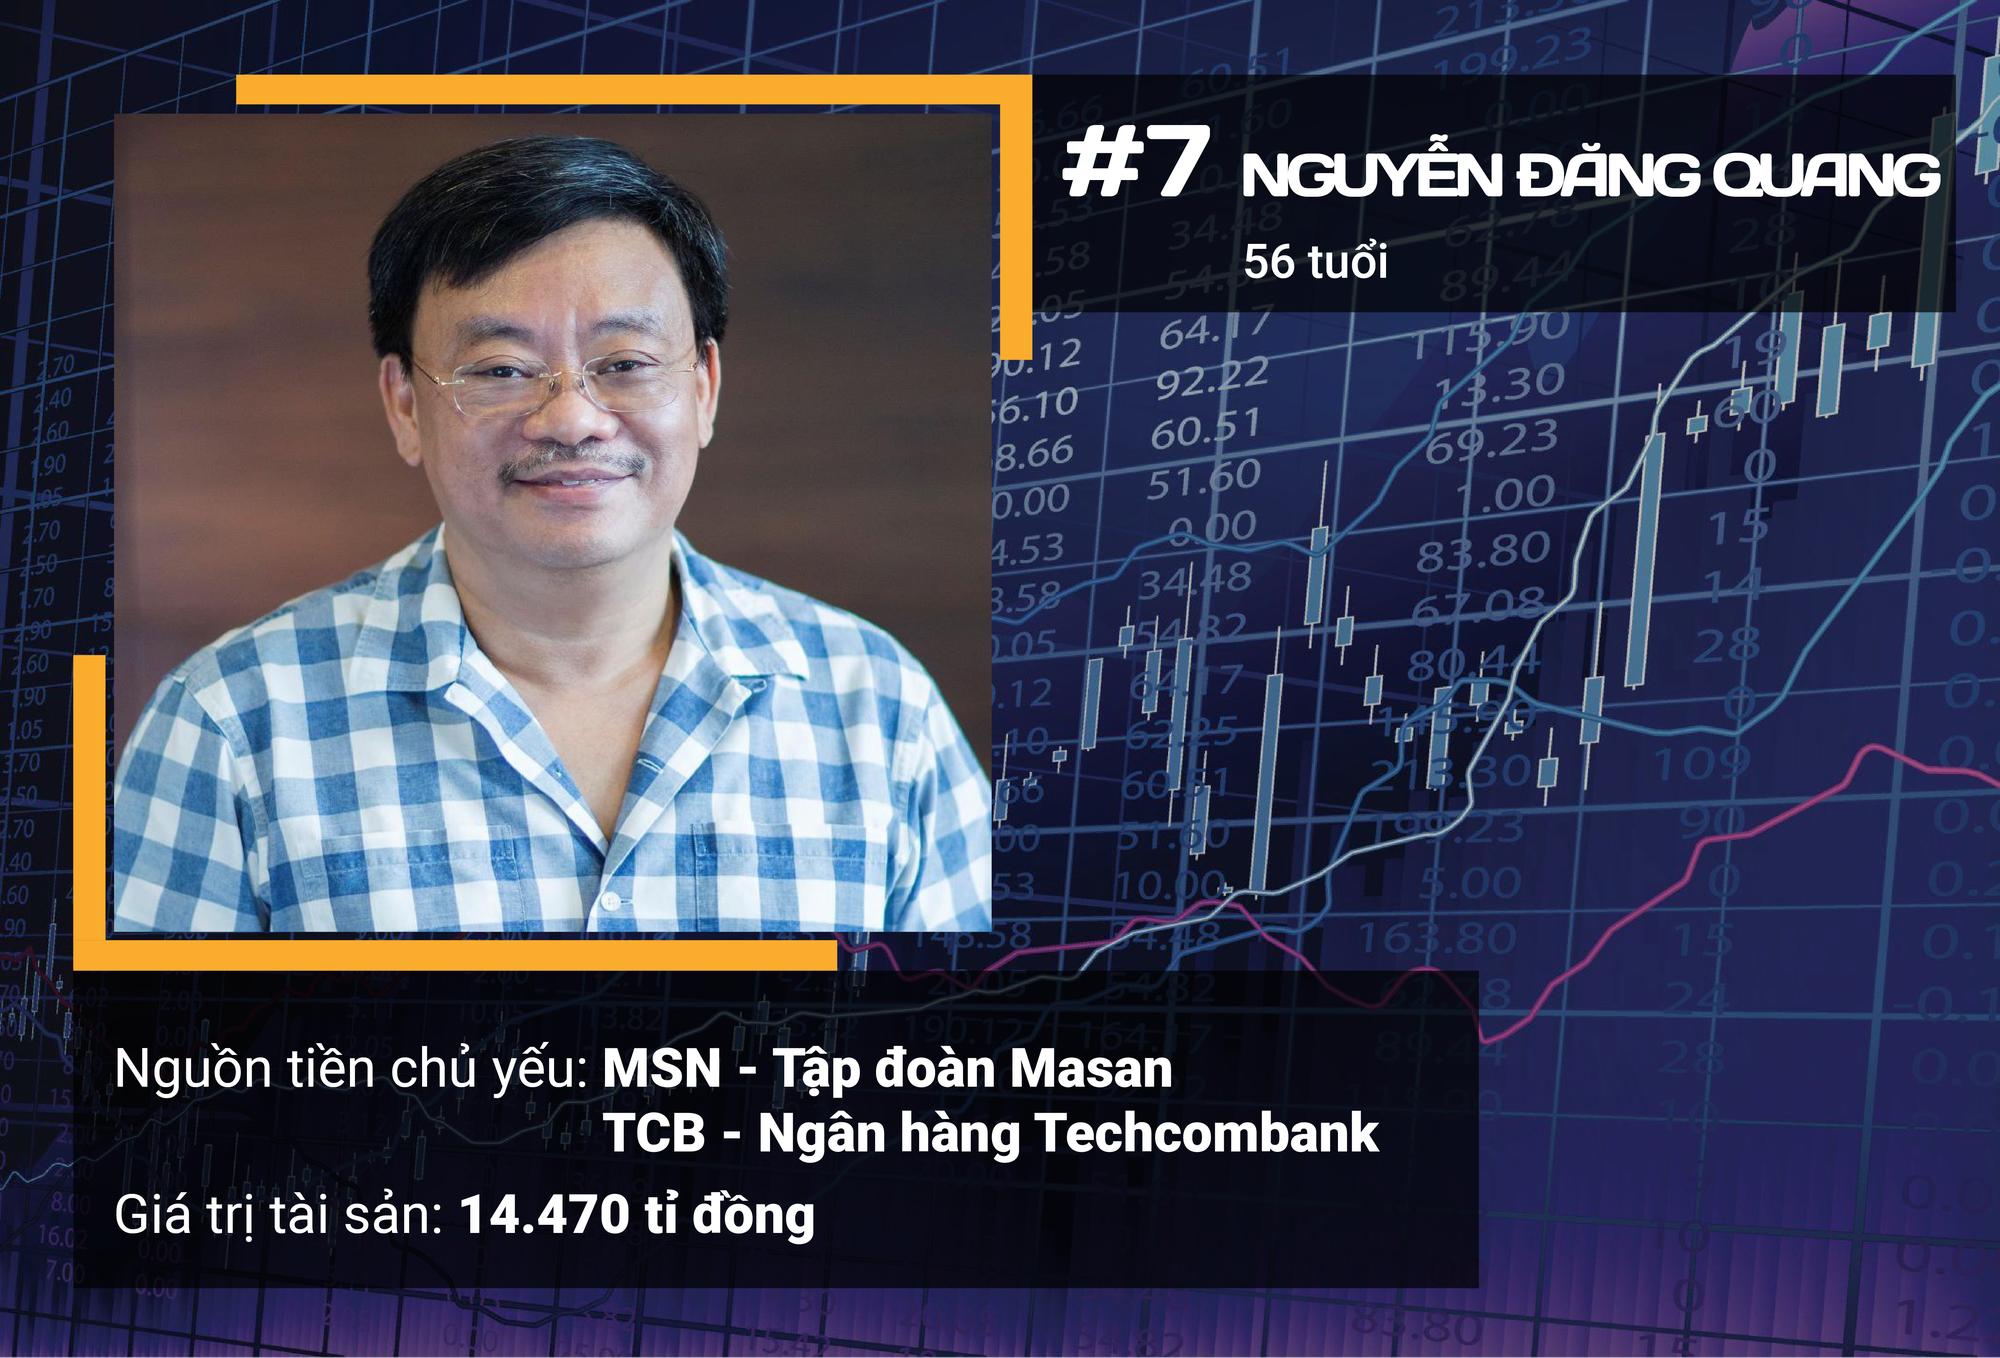 Ngoài ông Phạm Nhật Vượng, ai là 10 người giàu nhất sàn chứng khoán Việt năm 2019? - Ảnh 10.